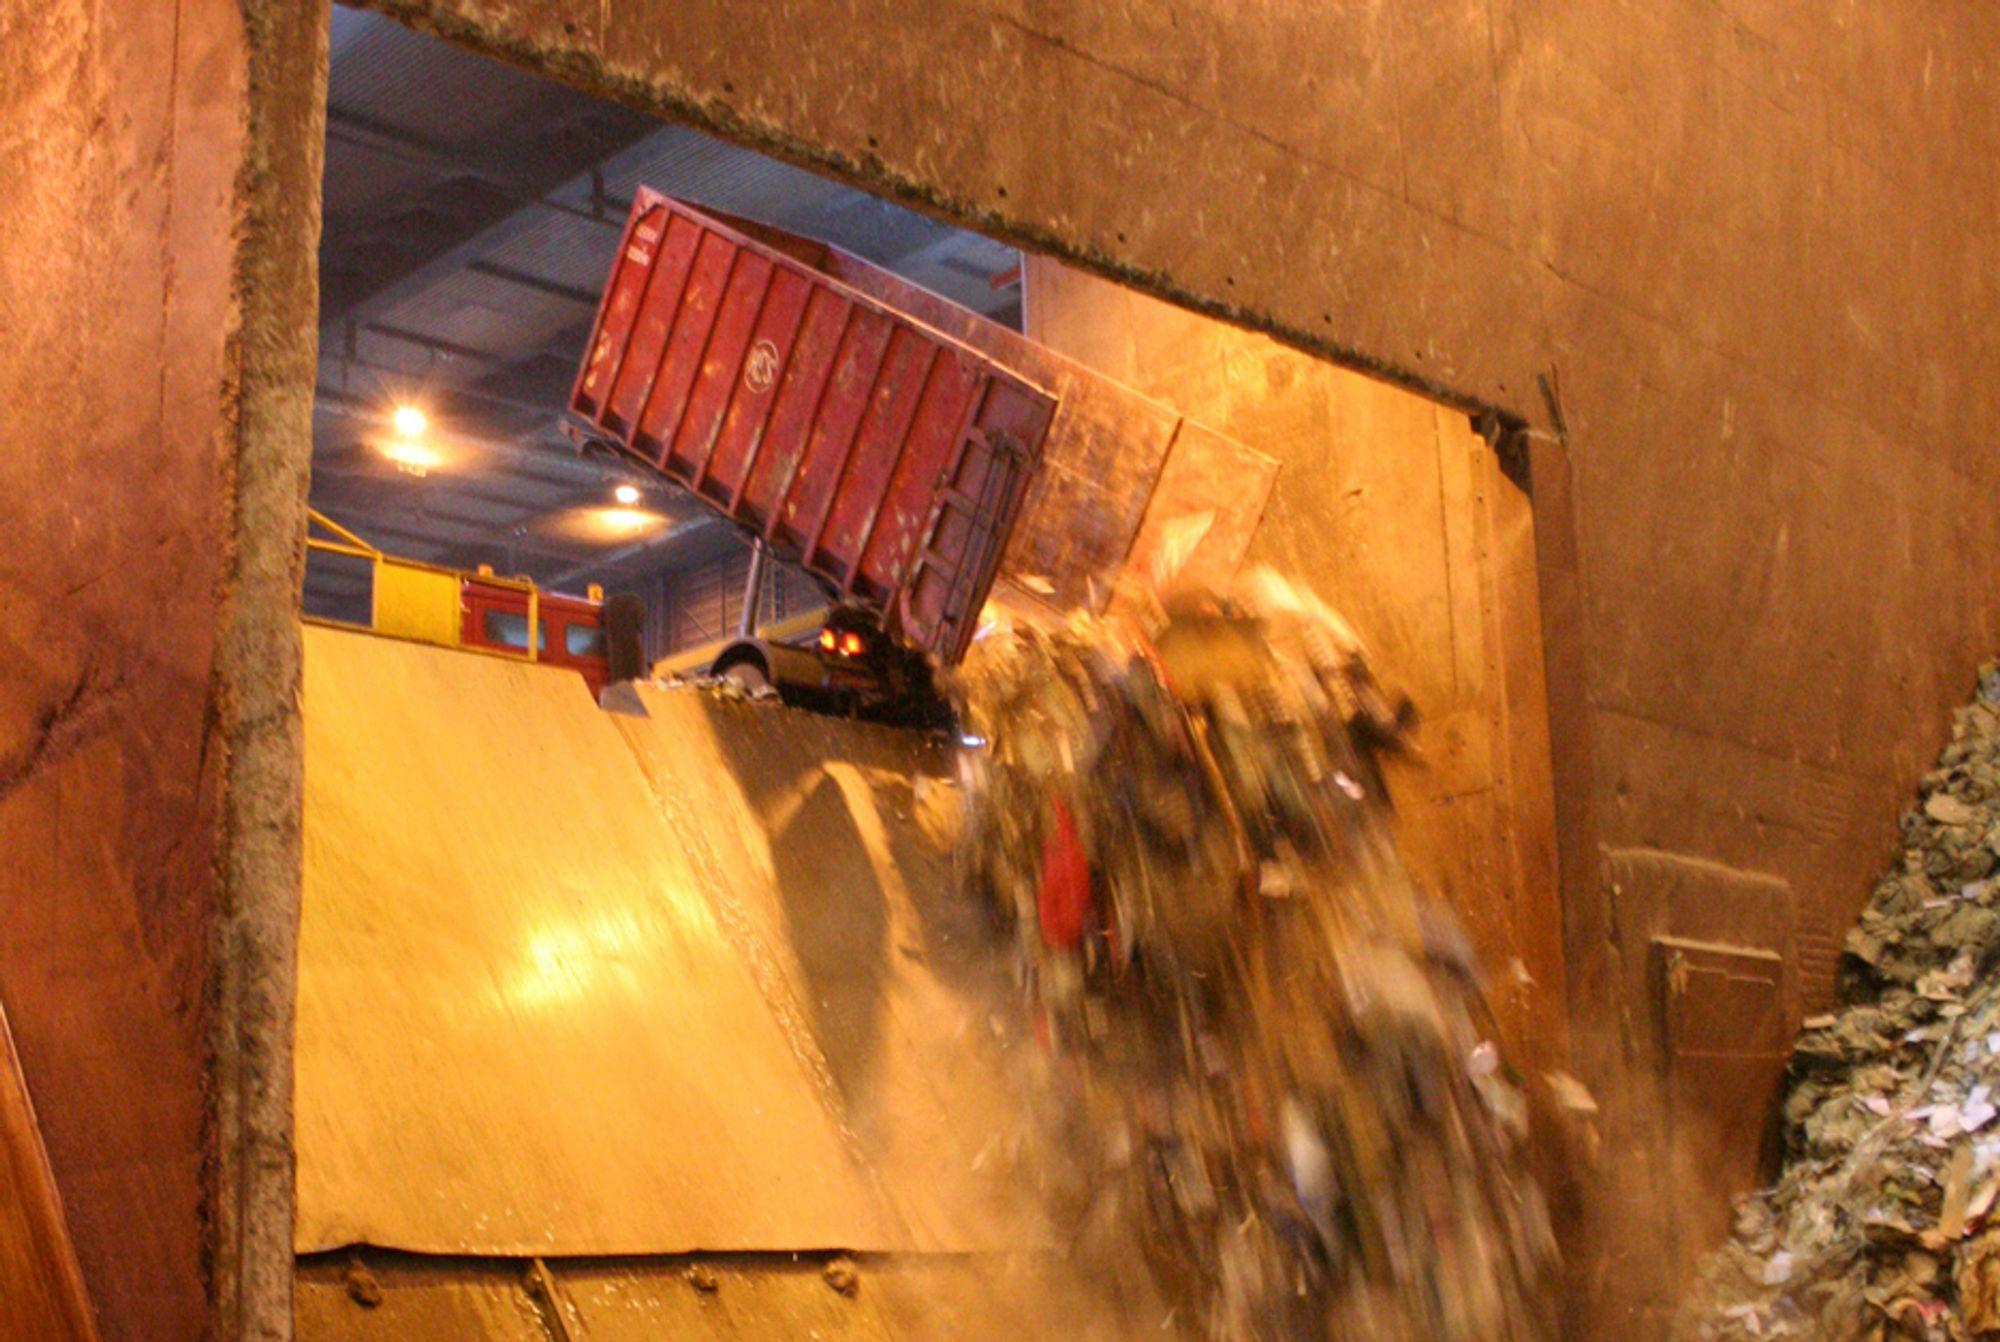 FEILSLÅTT AVGIFT: Avfall Norge vil vurdere fjerning av deponiavgiften for å hindre at forurenset avfall havner på avveie.